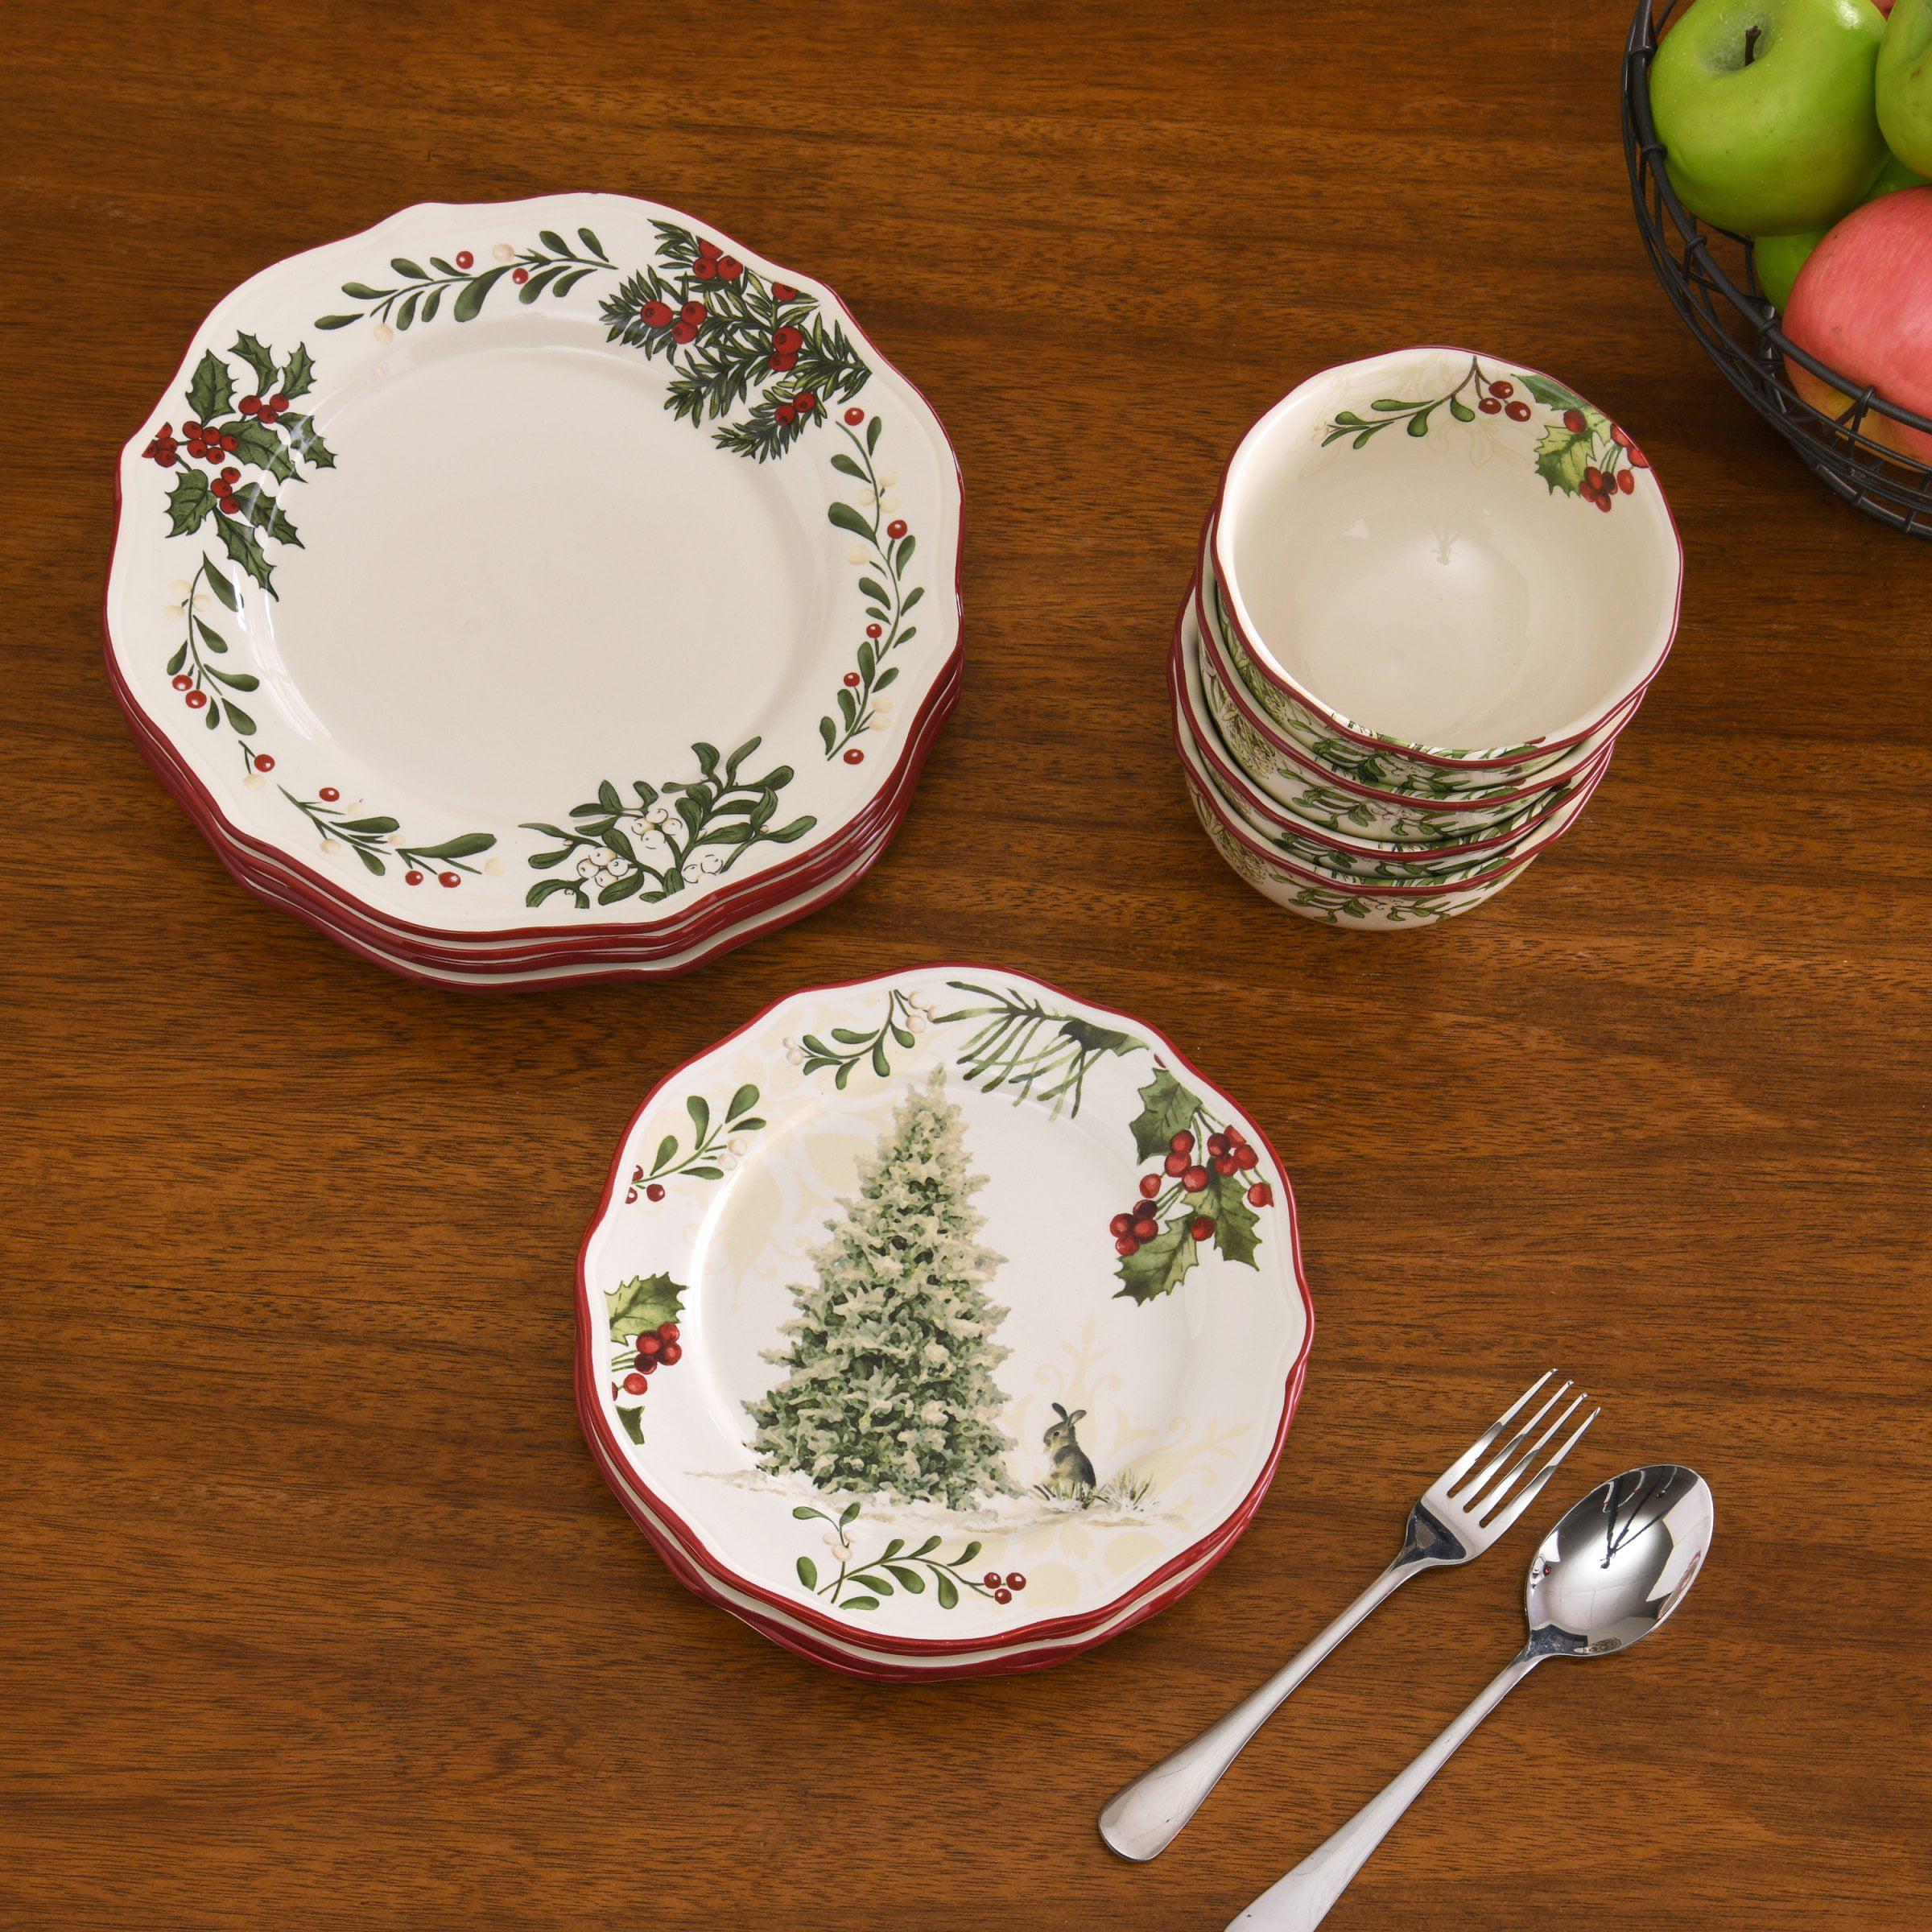 Better Homes & Garden Heritage 16 Piece Dinnerware Set - Walmart.com